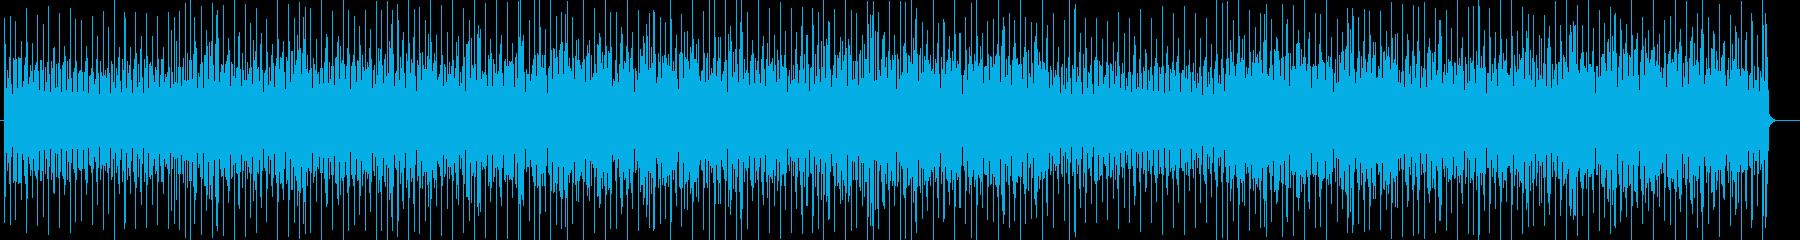 ゲームに合うコンピューターミュージックの再生済みの波形